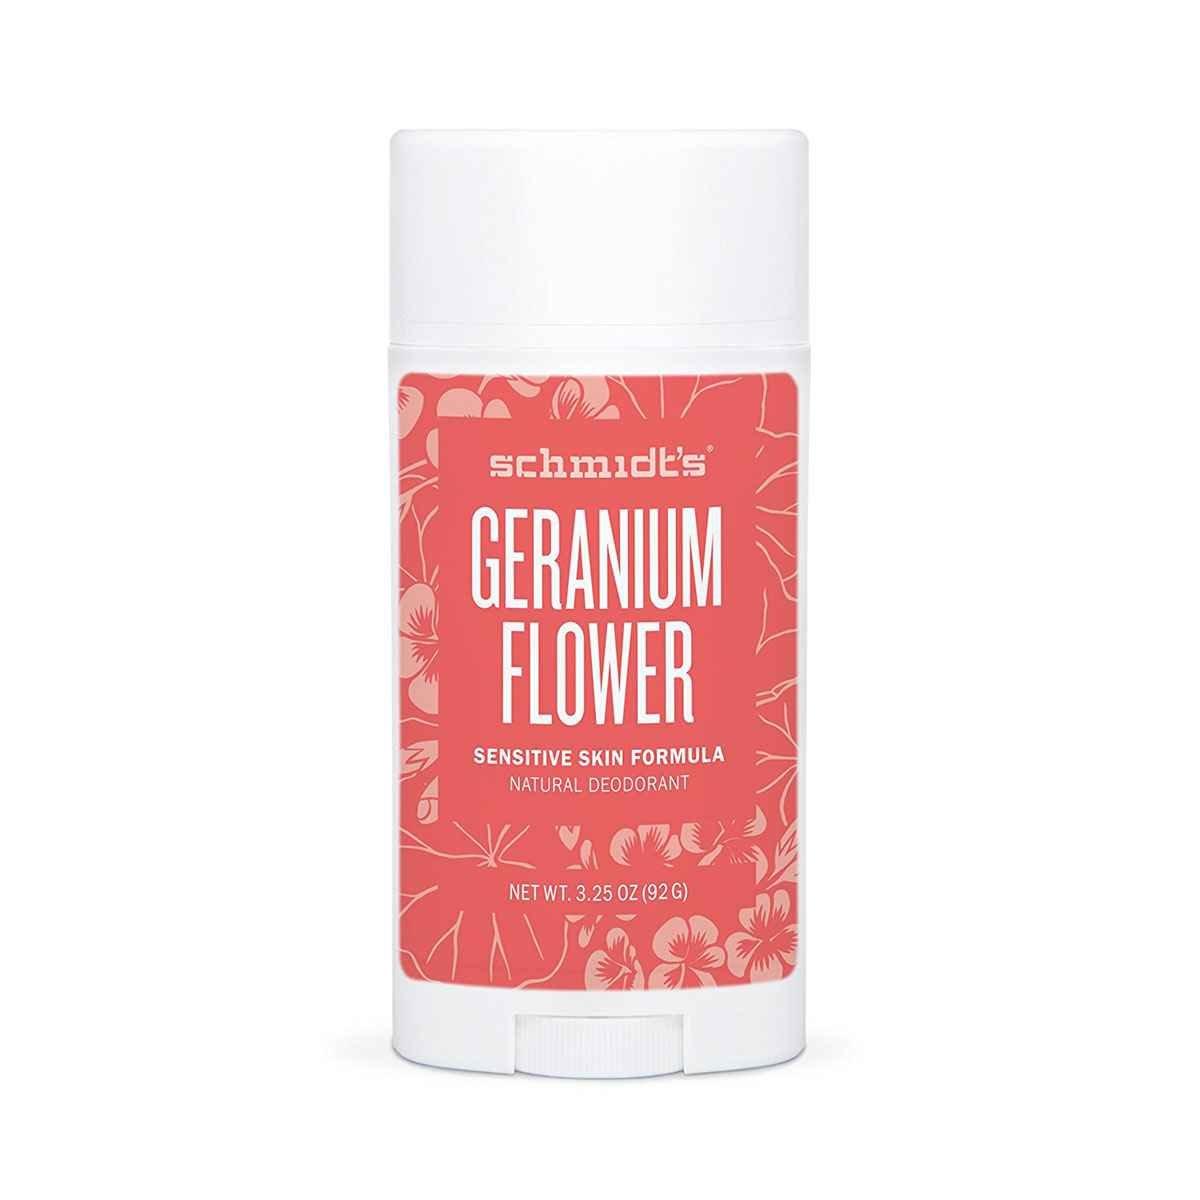 Schmidt's Deodorant Stick Sensitive Skin Grani, 3.25 oz Schmidtsde